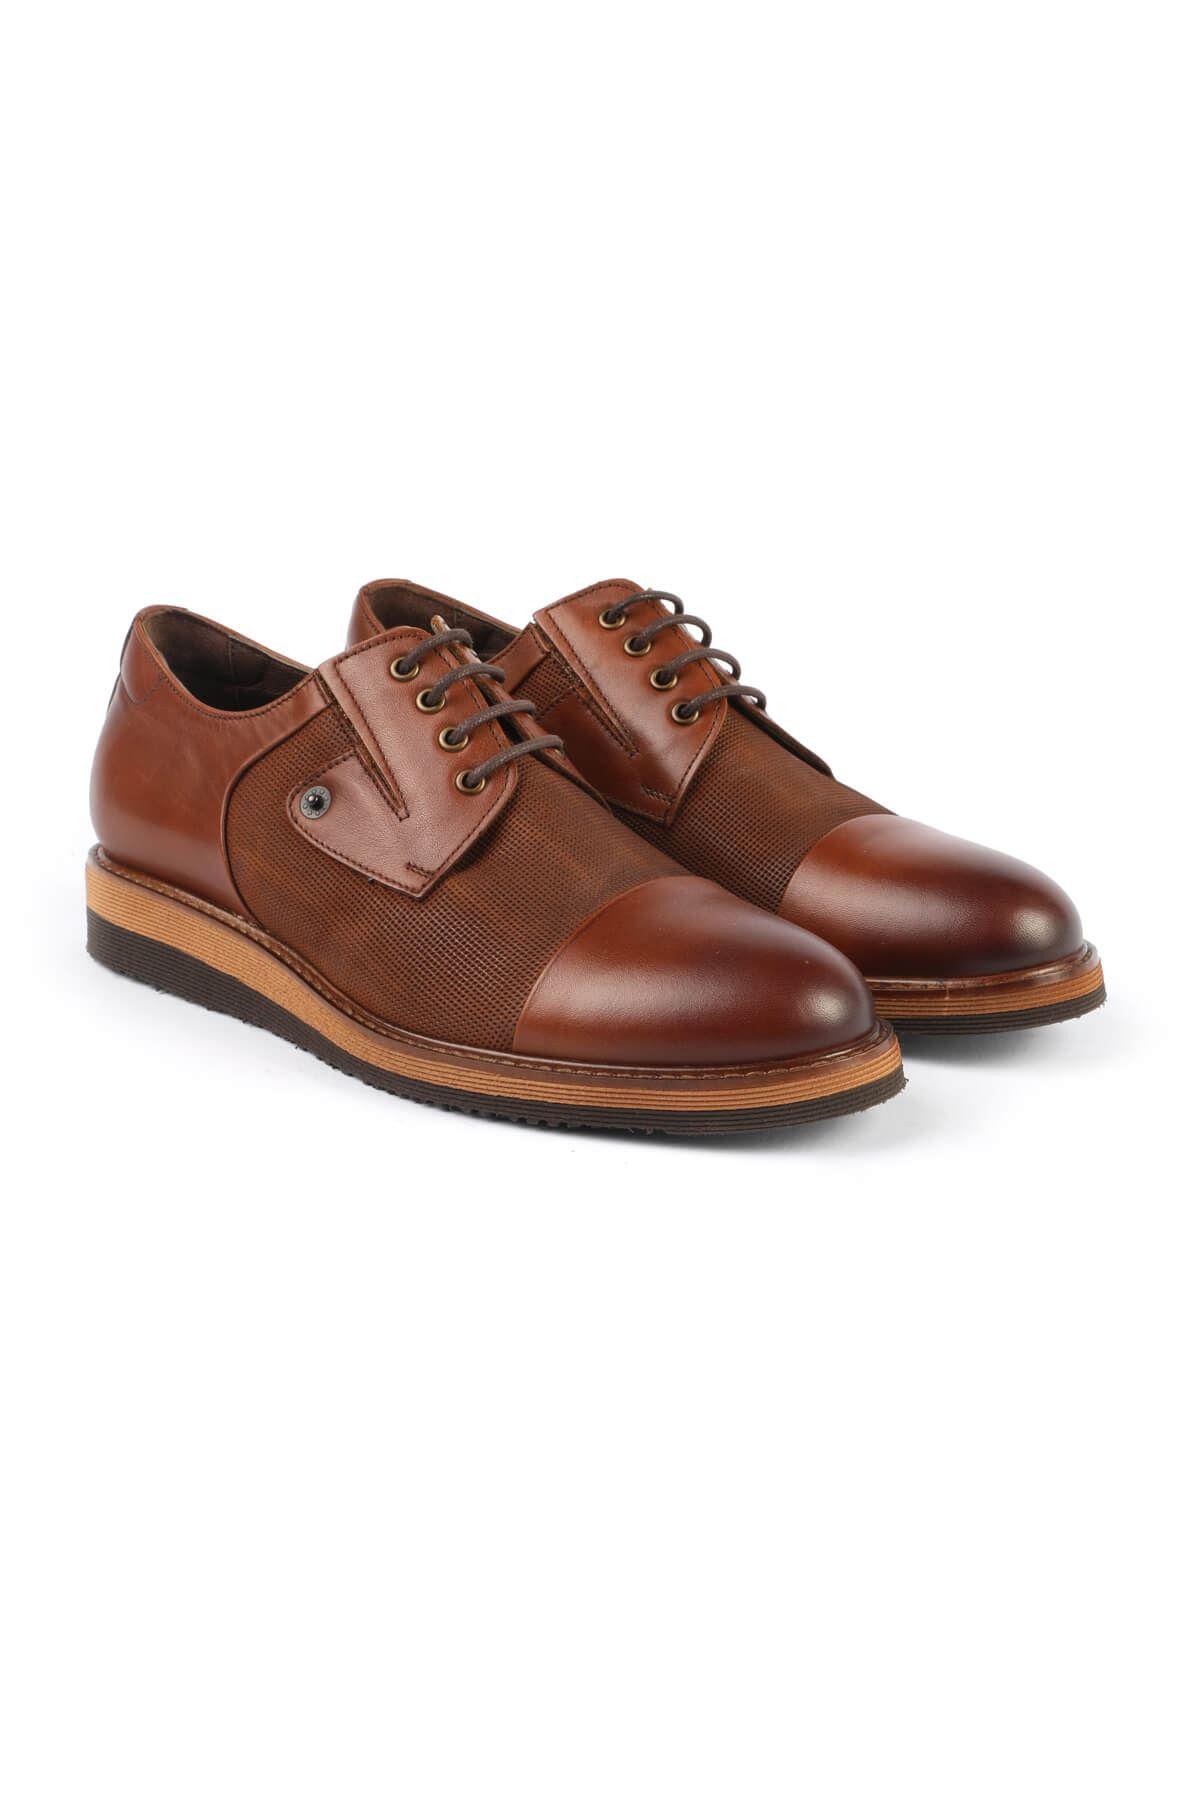 Libero 2641 Tan Oxford Shoes